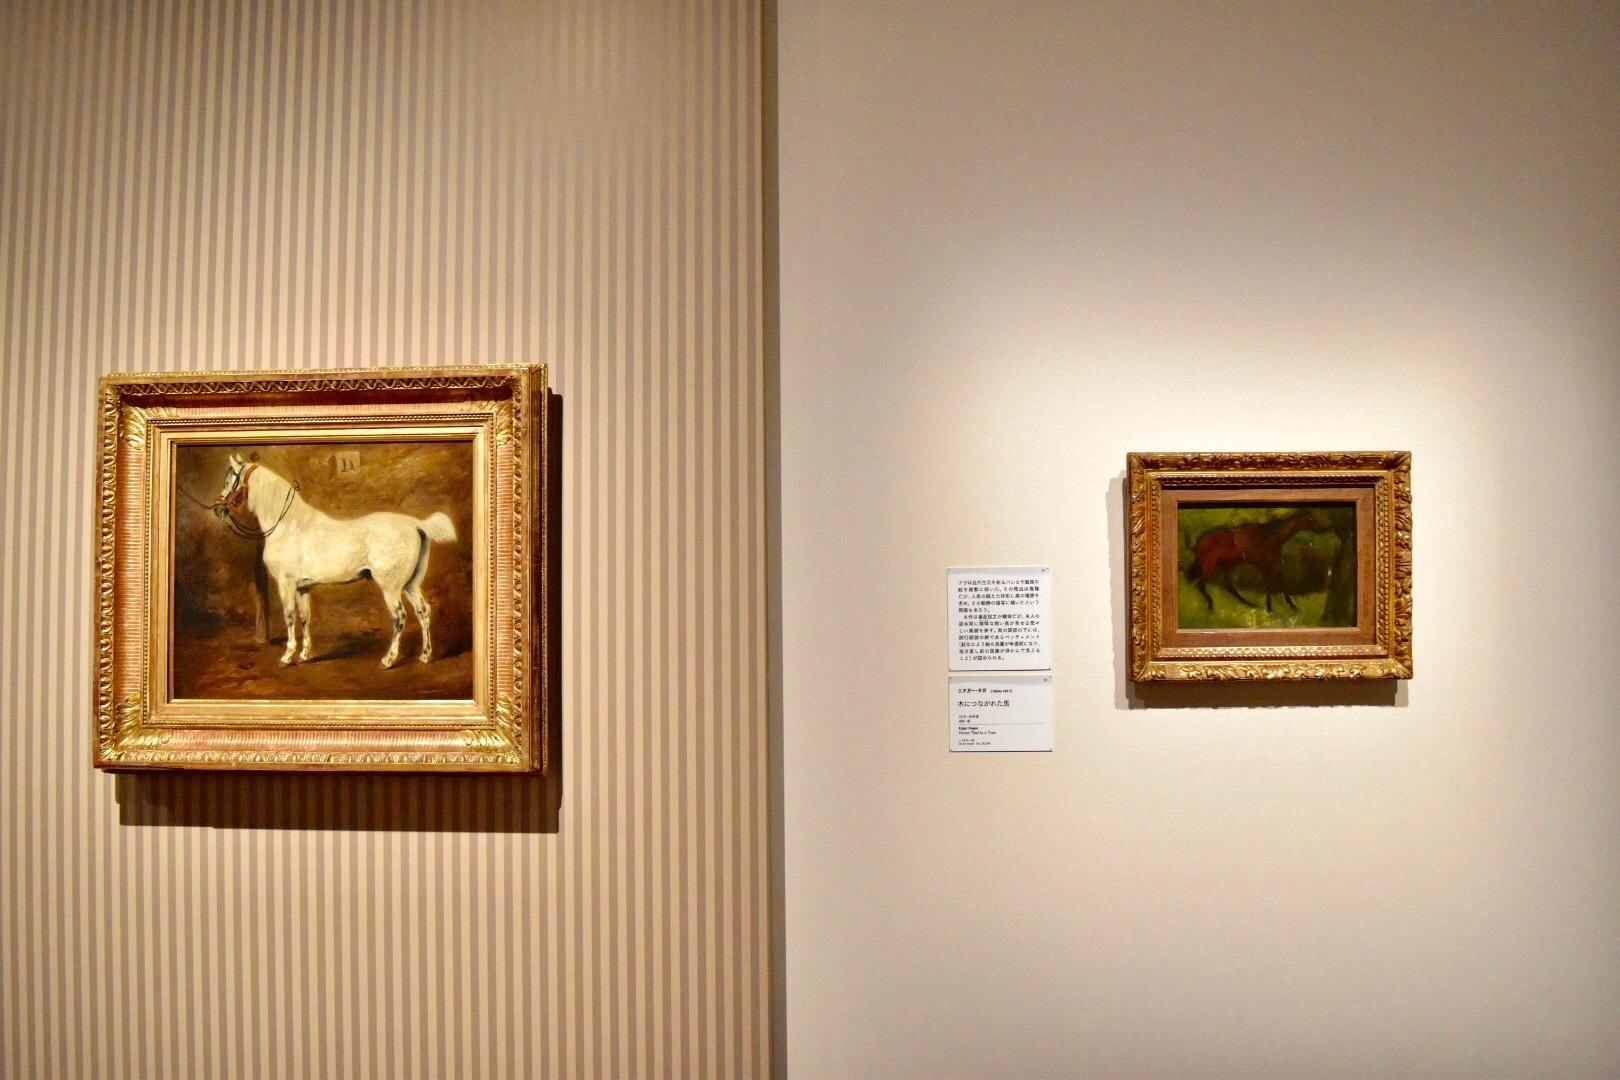 左:アレクシ・ペリニョン 《白馬》 油彩、カンヴァス (C)CSG  CIC Glasgow Museums Collection 右:エドガー・ドガ 《木につながれた馬》 1873-80年頃 油彩、板 (C)CSG CIC Glasgow Museums Collection